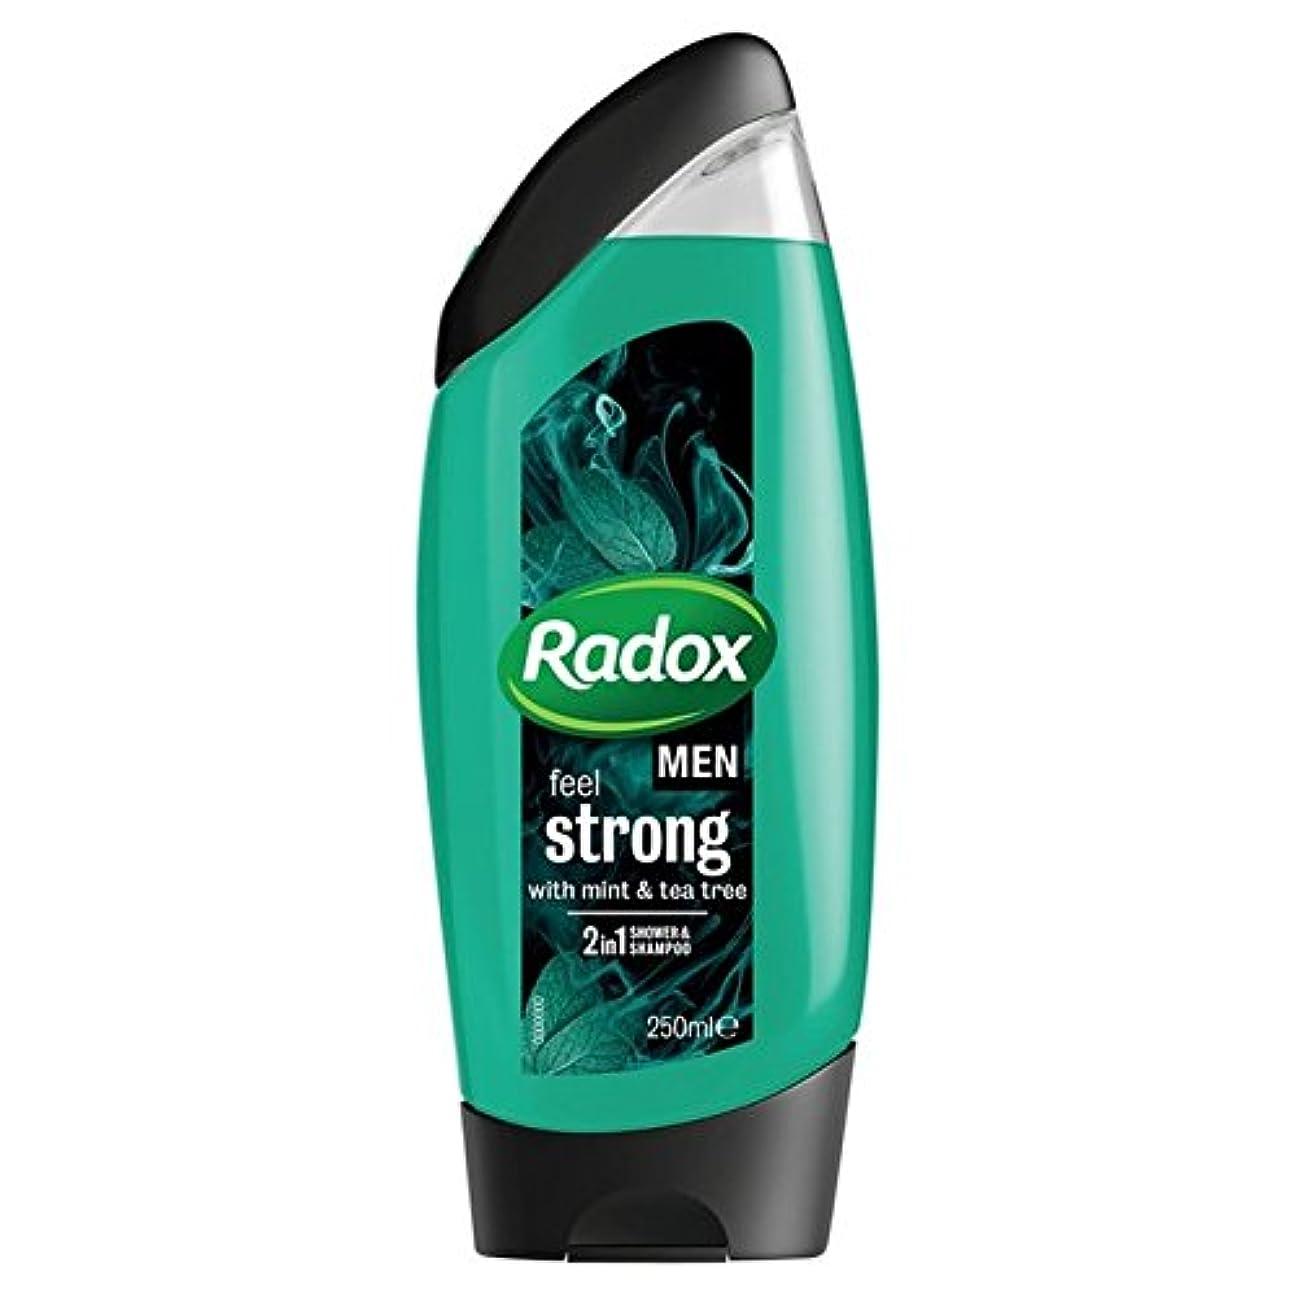 非公式ハリケーンフォーラム男性は、強力なミント&ティーツリーの21のシャワージェル250ミリリットルを感じます x4 - Radox Men Feel Strong Mint & Tea Tree 2in1 Shower Gel 250ml (Pack...